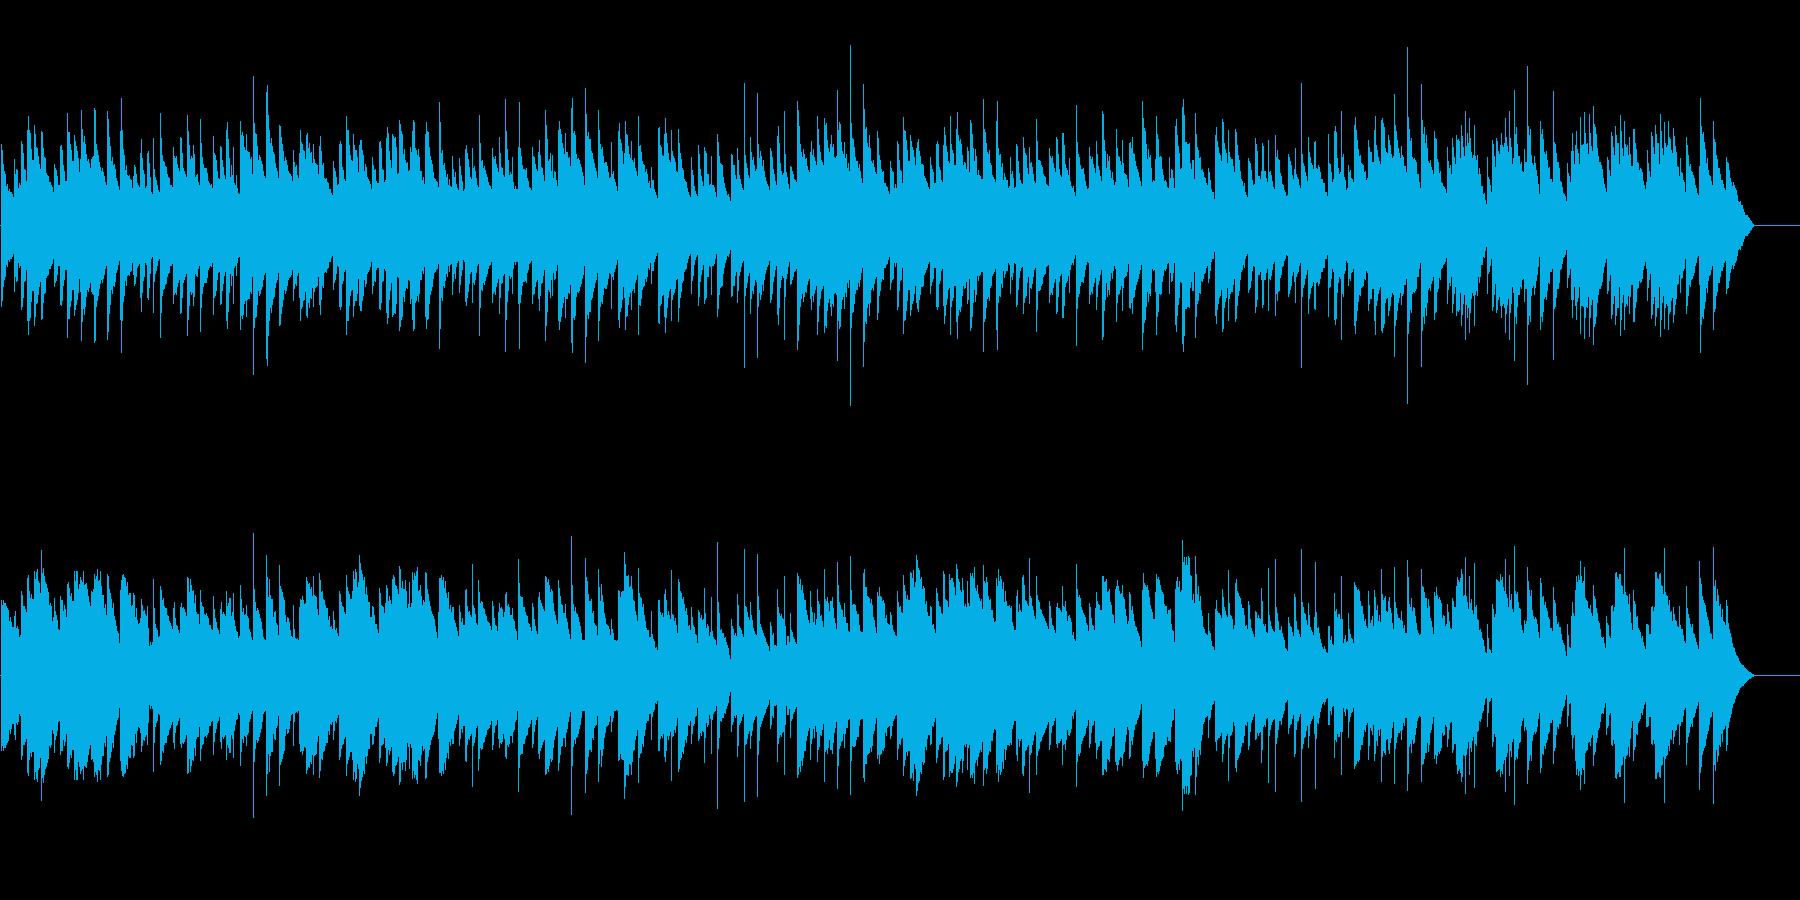 ブラームス ワルツ 第15番 オルゴールの再生済みの波形